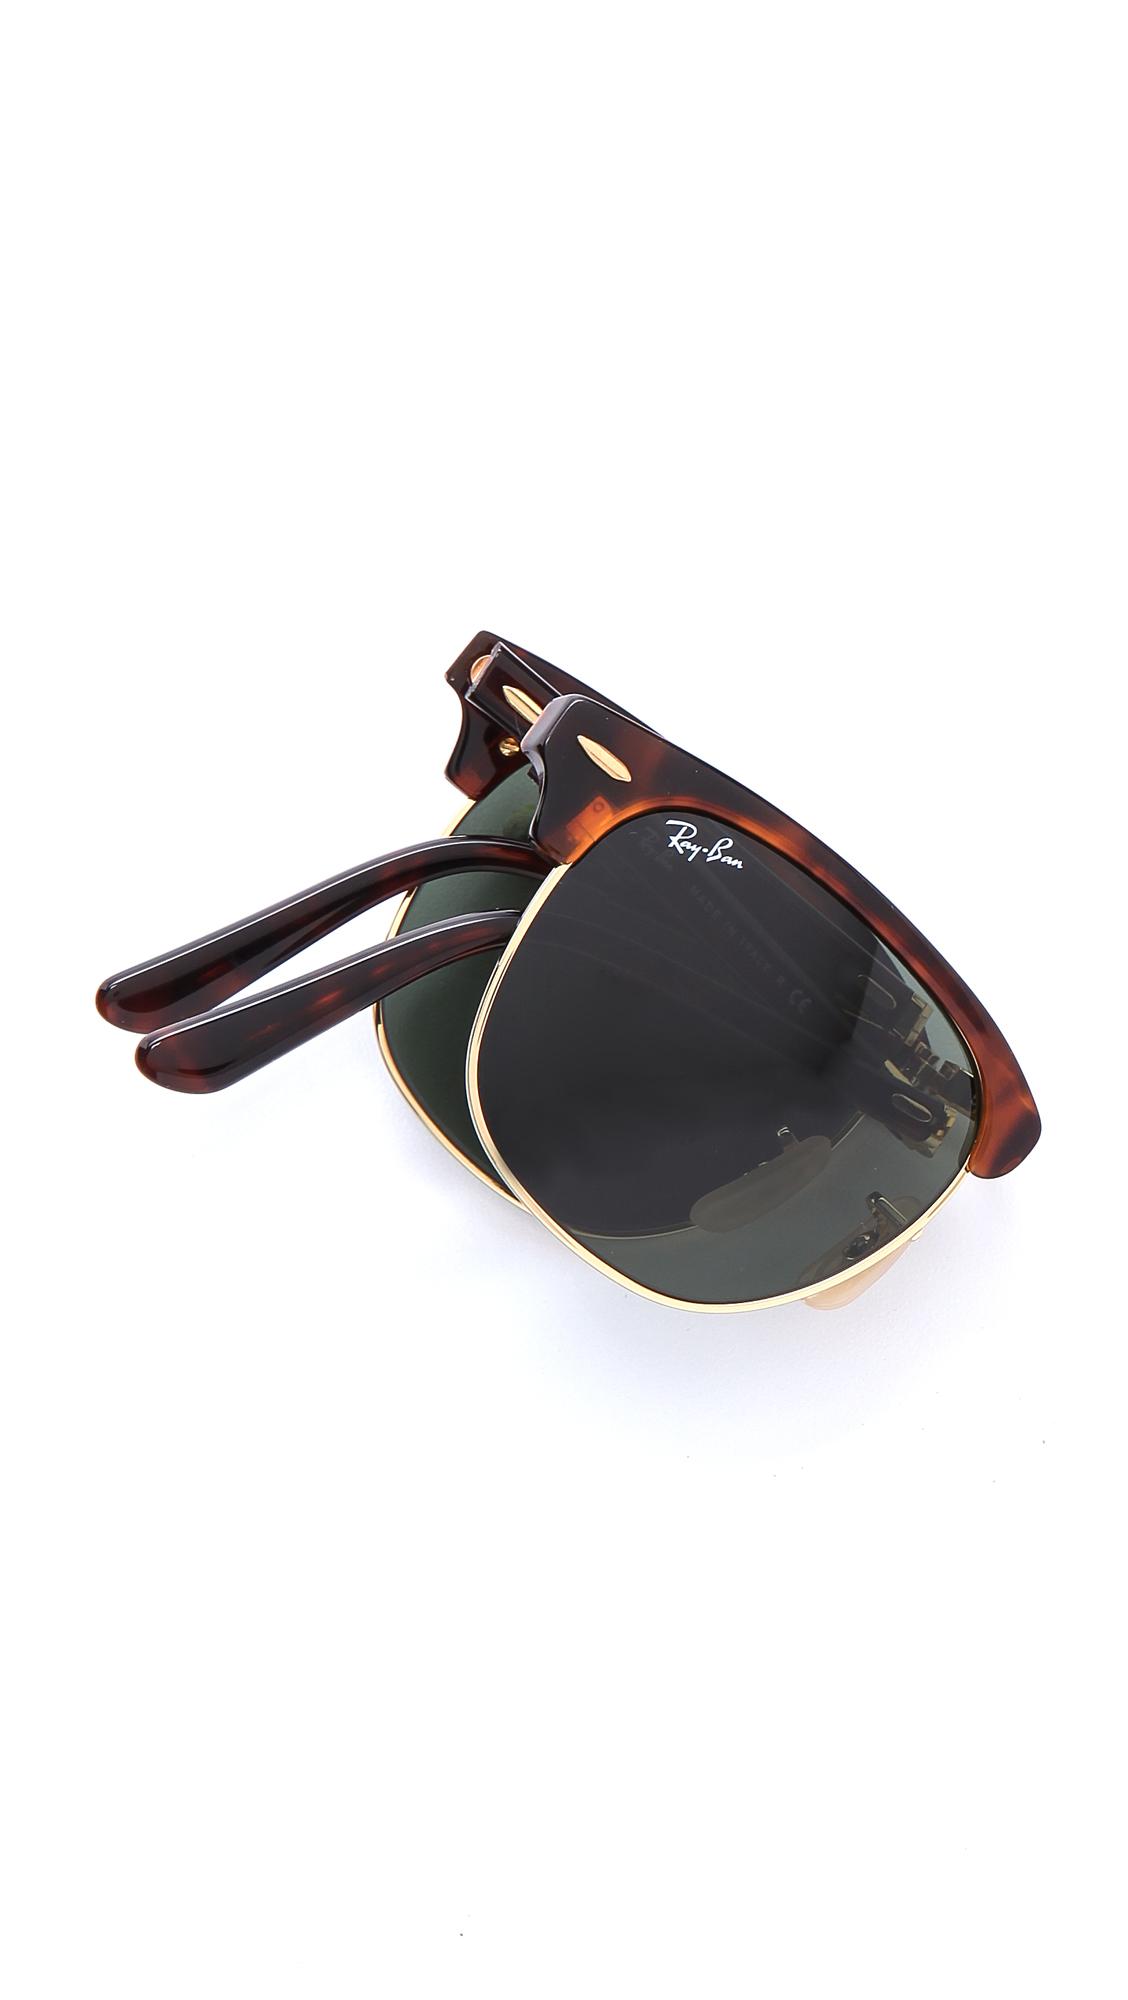 Солнцезащитные очки с зеркальными стеклами купить